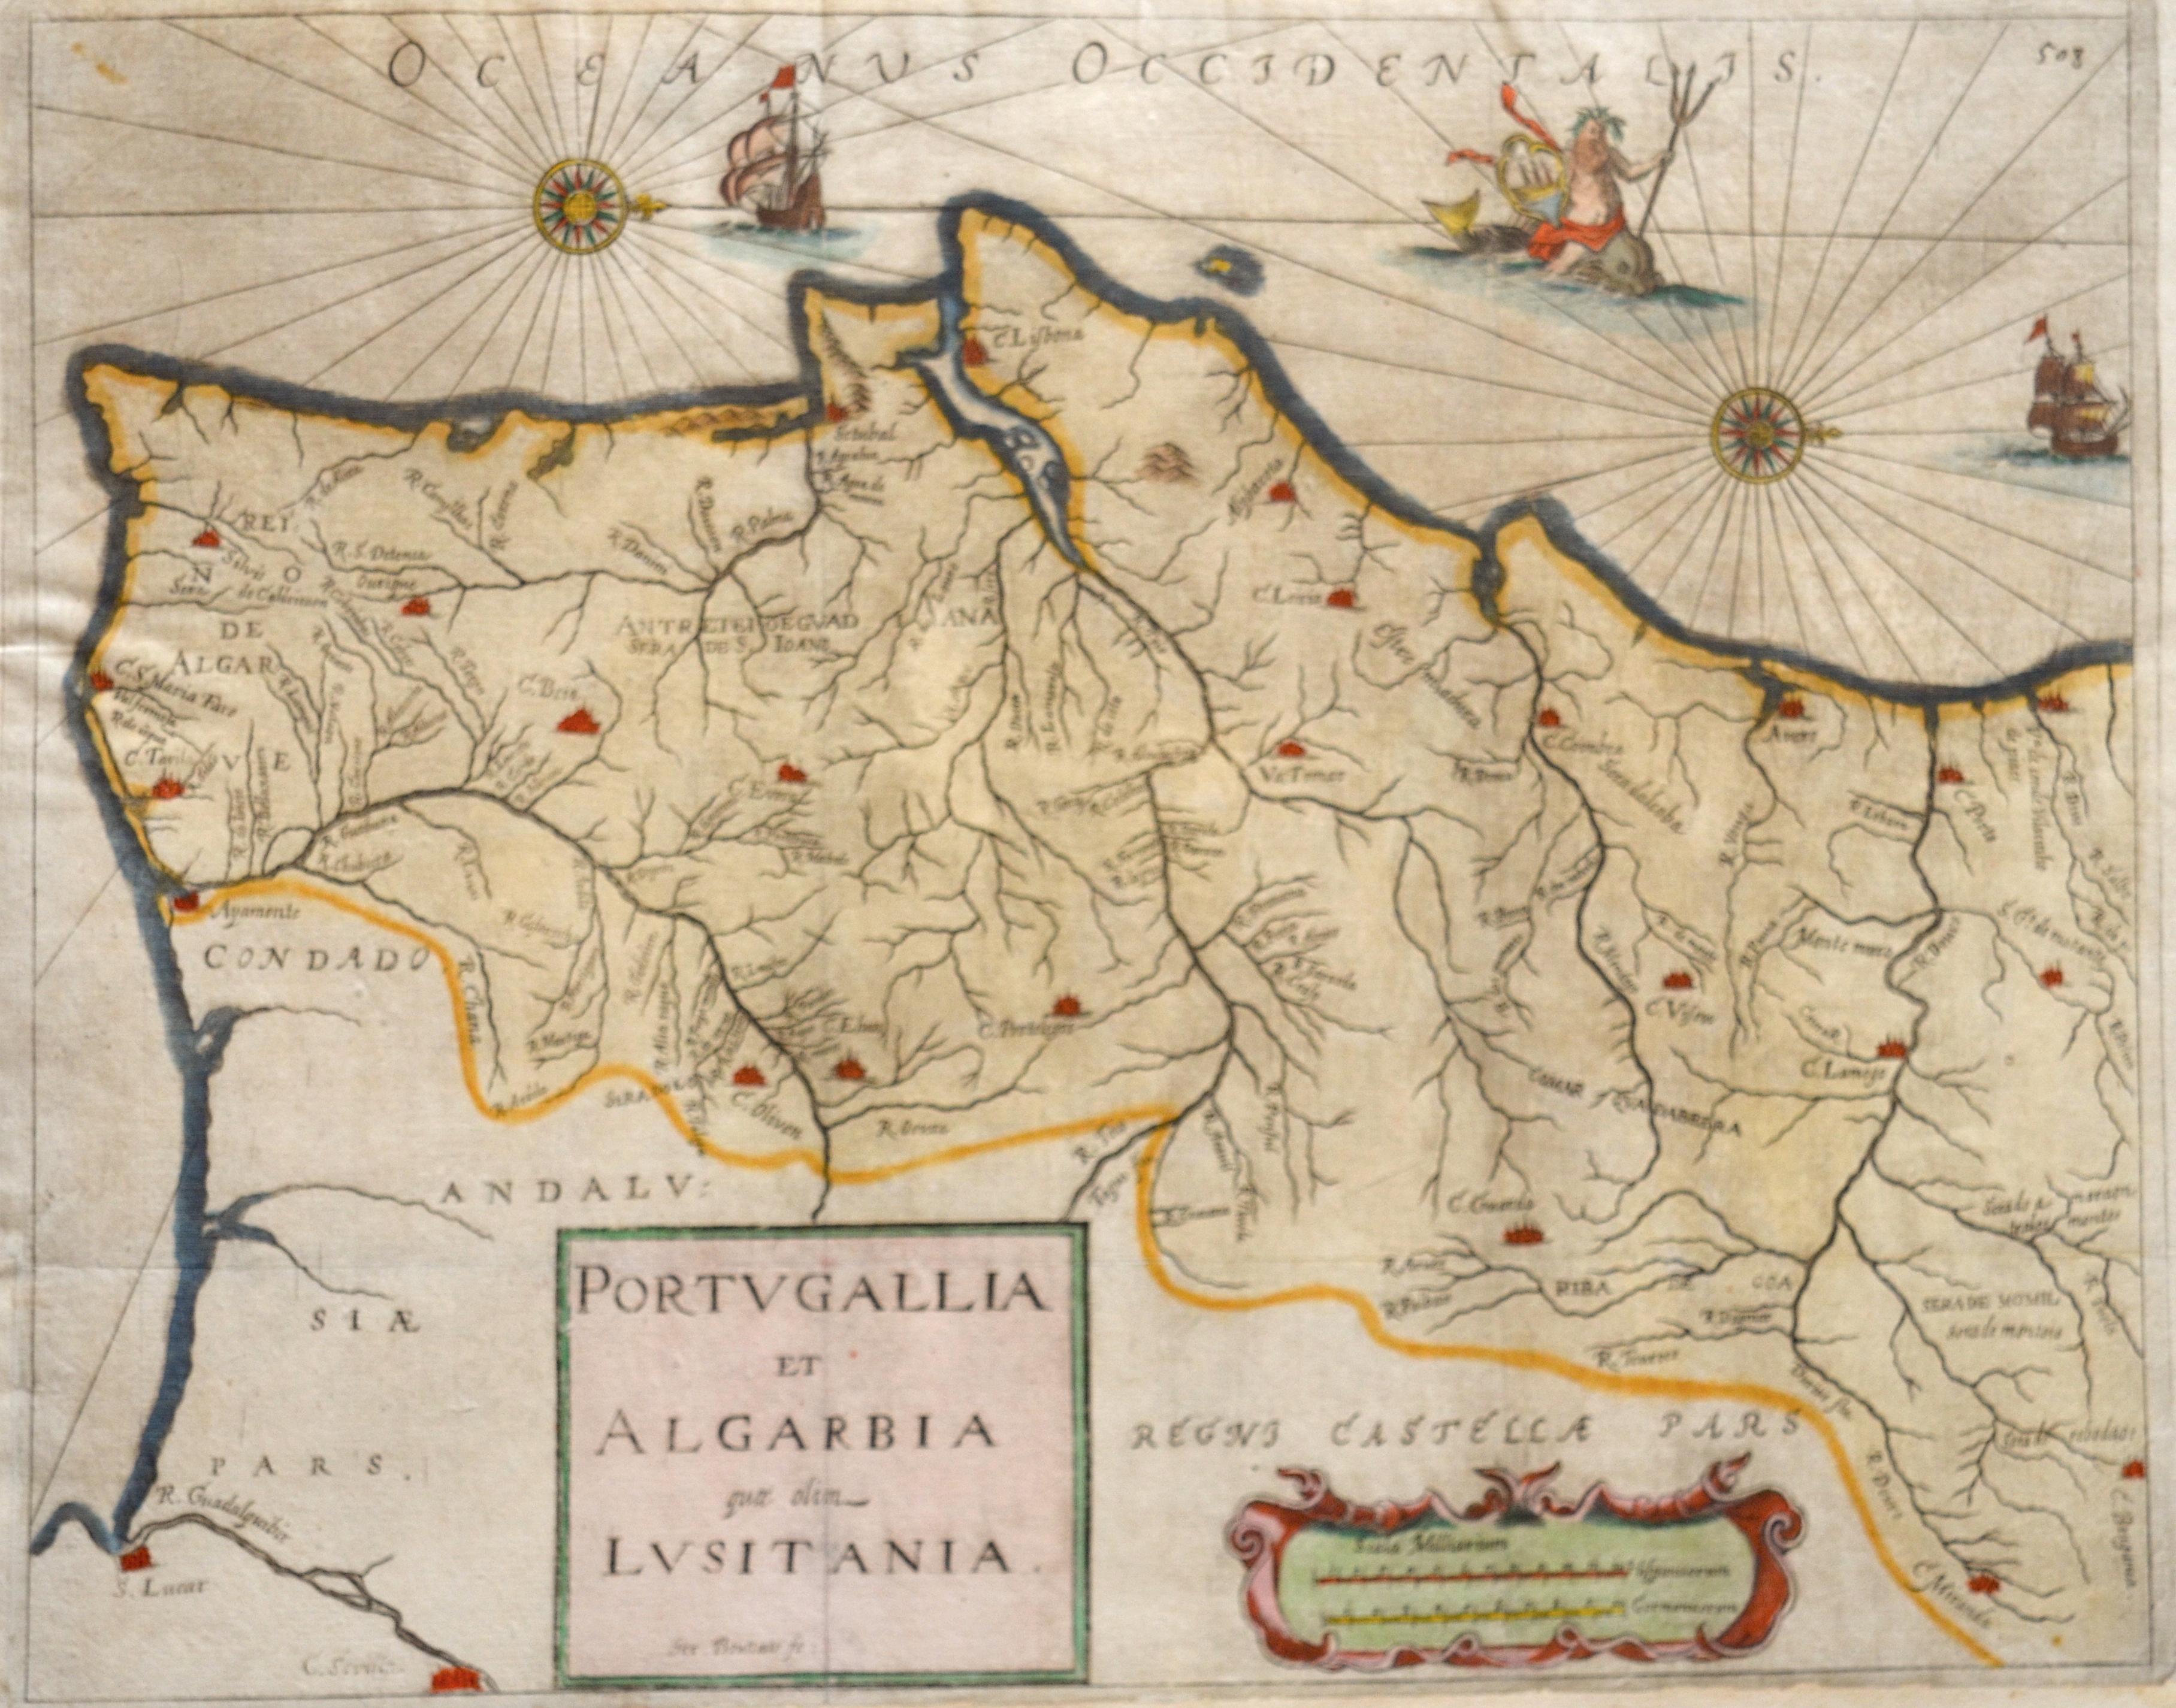 Bouttats Gaspar Portugallia et Algarbia quae olim Lusitania.